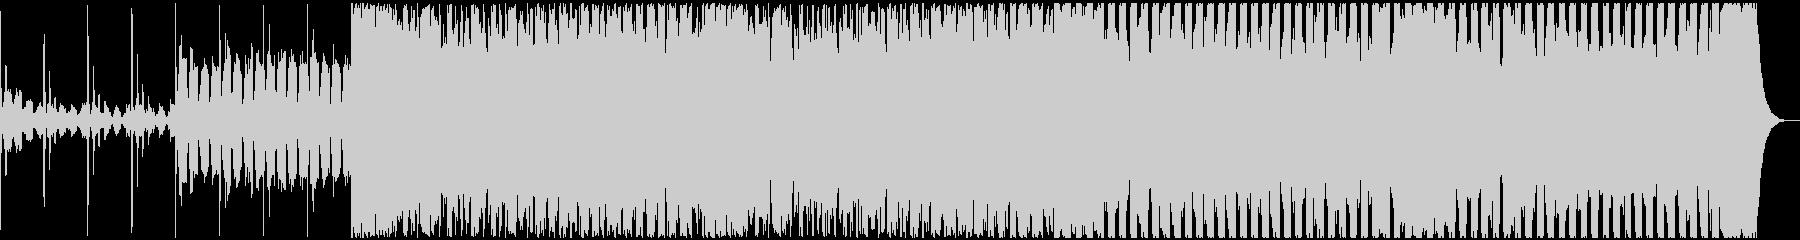 【フューチャーベース】ロング2の未再生の波形